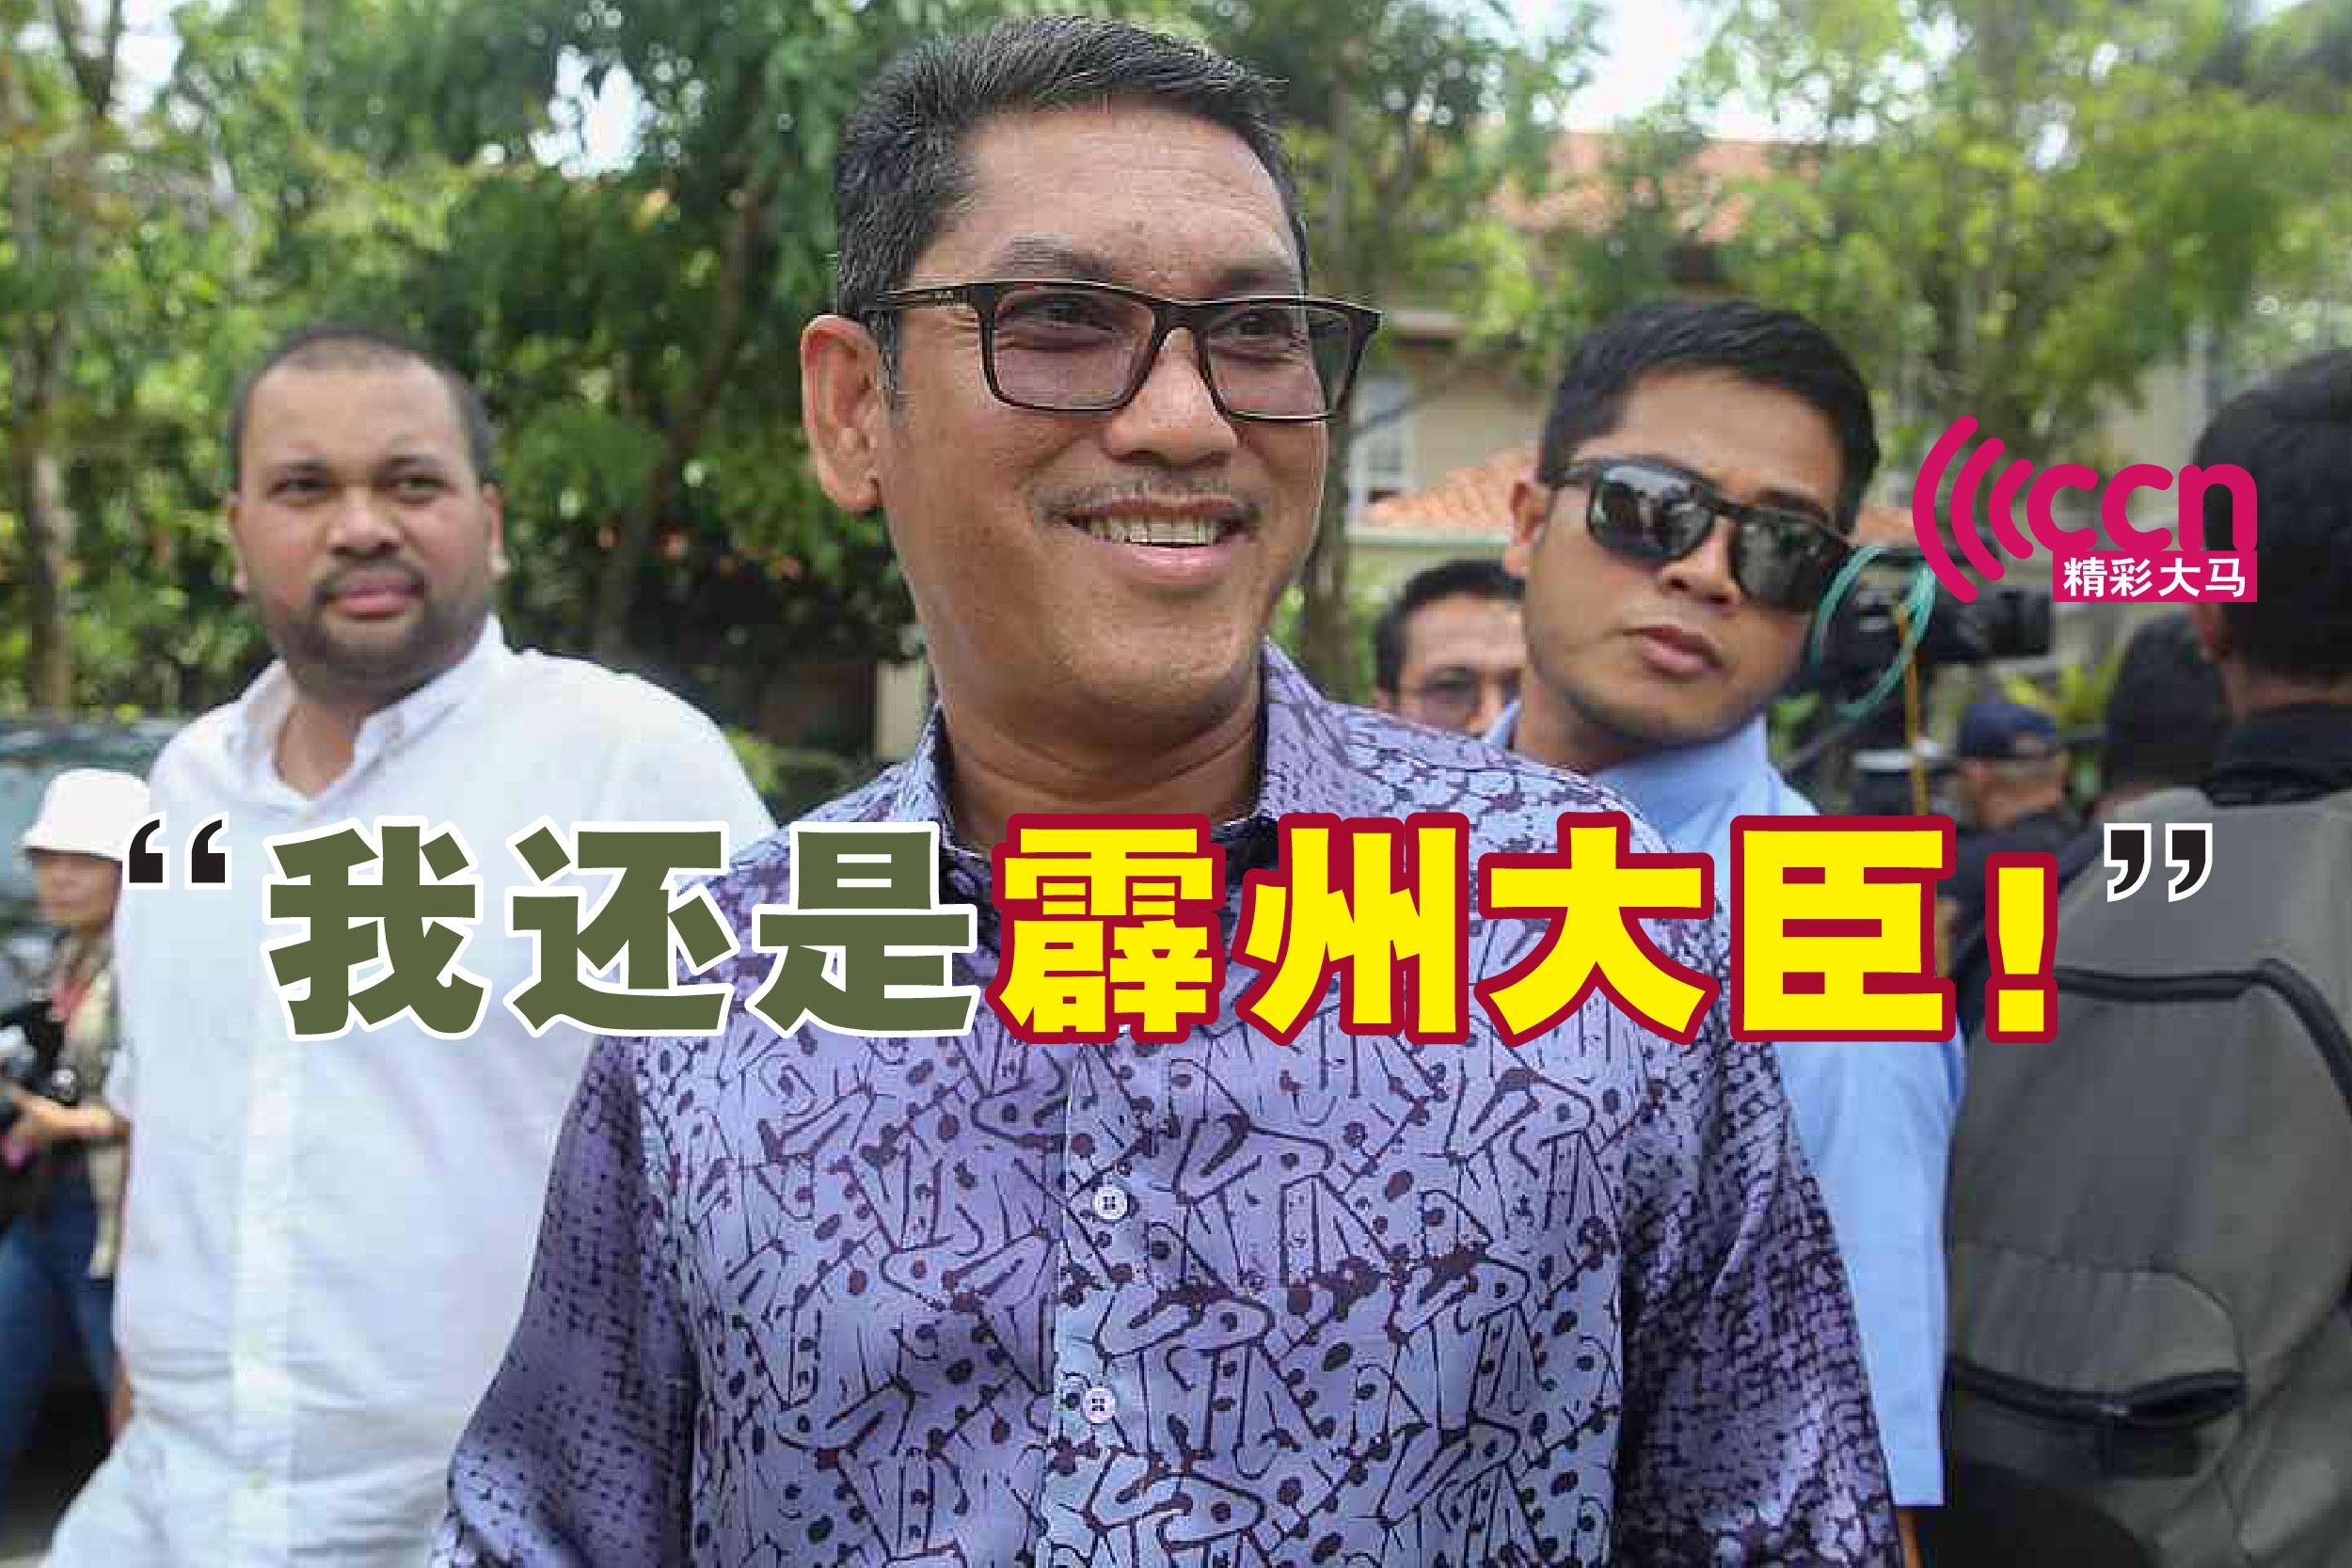 阿末法依扎表示,他还是霹雳州务大臣。-精彩大马制图-